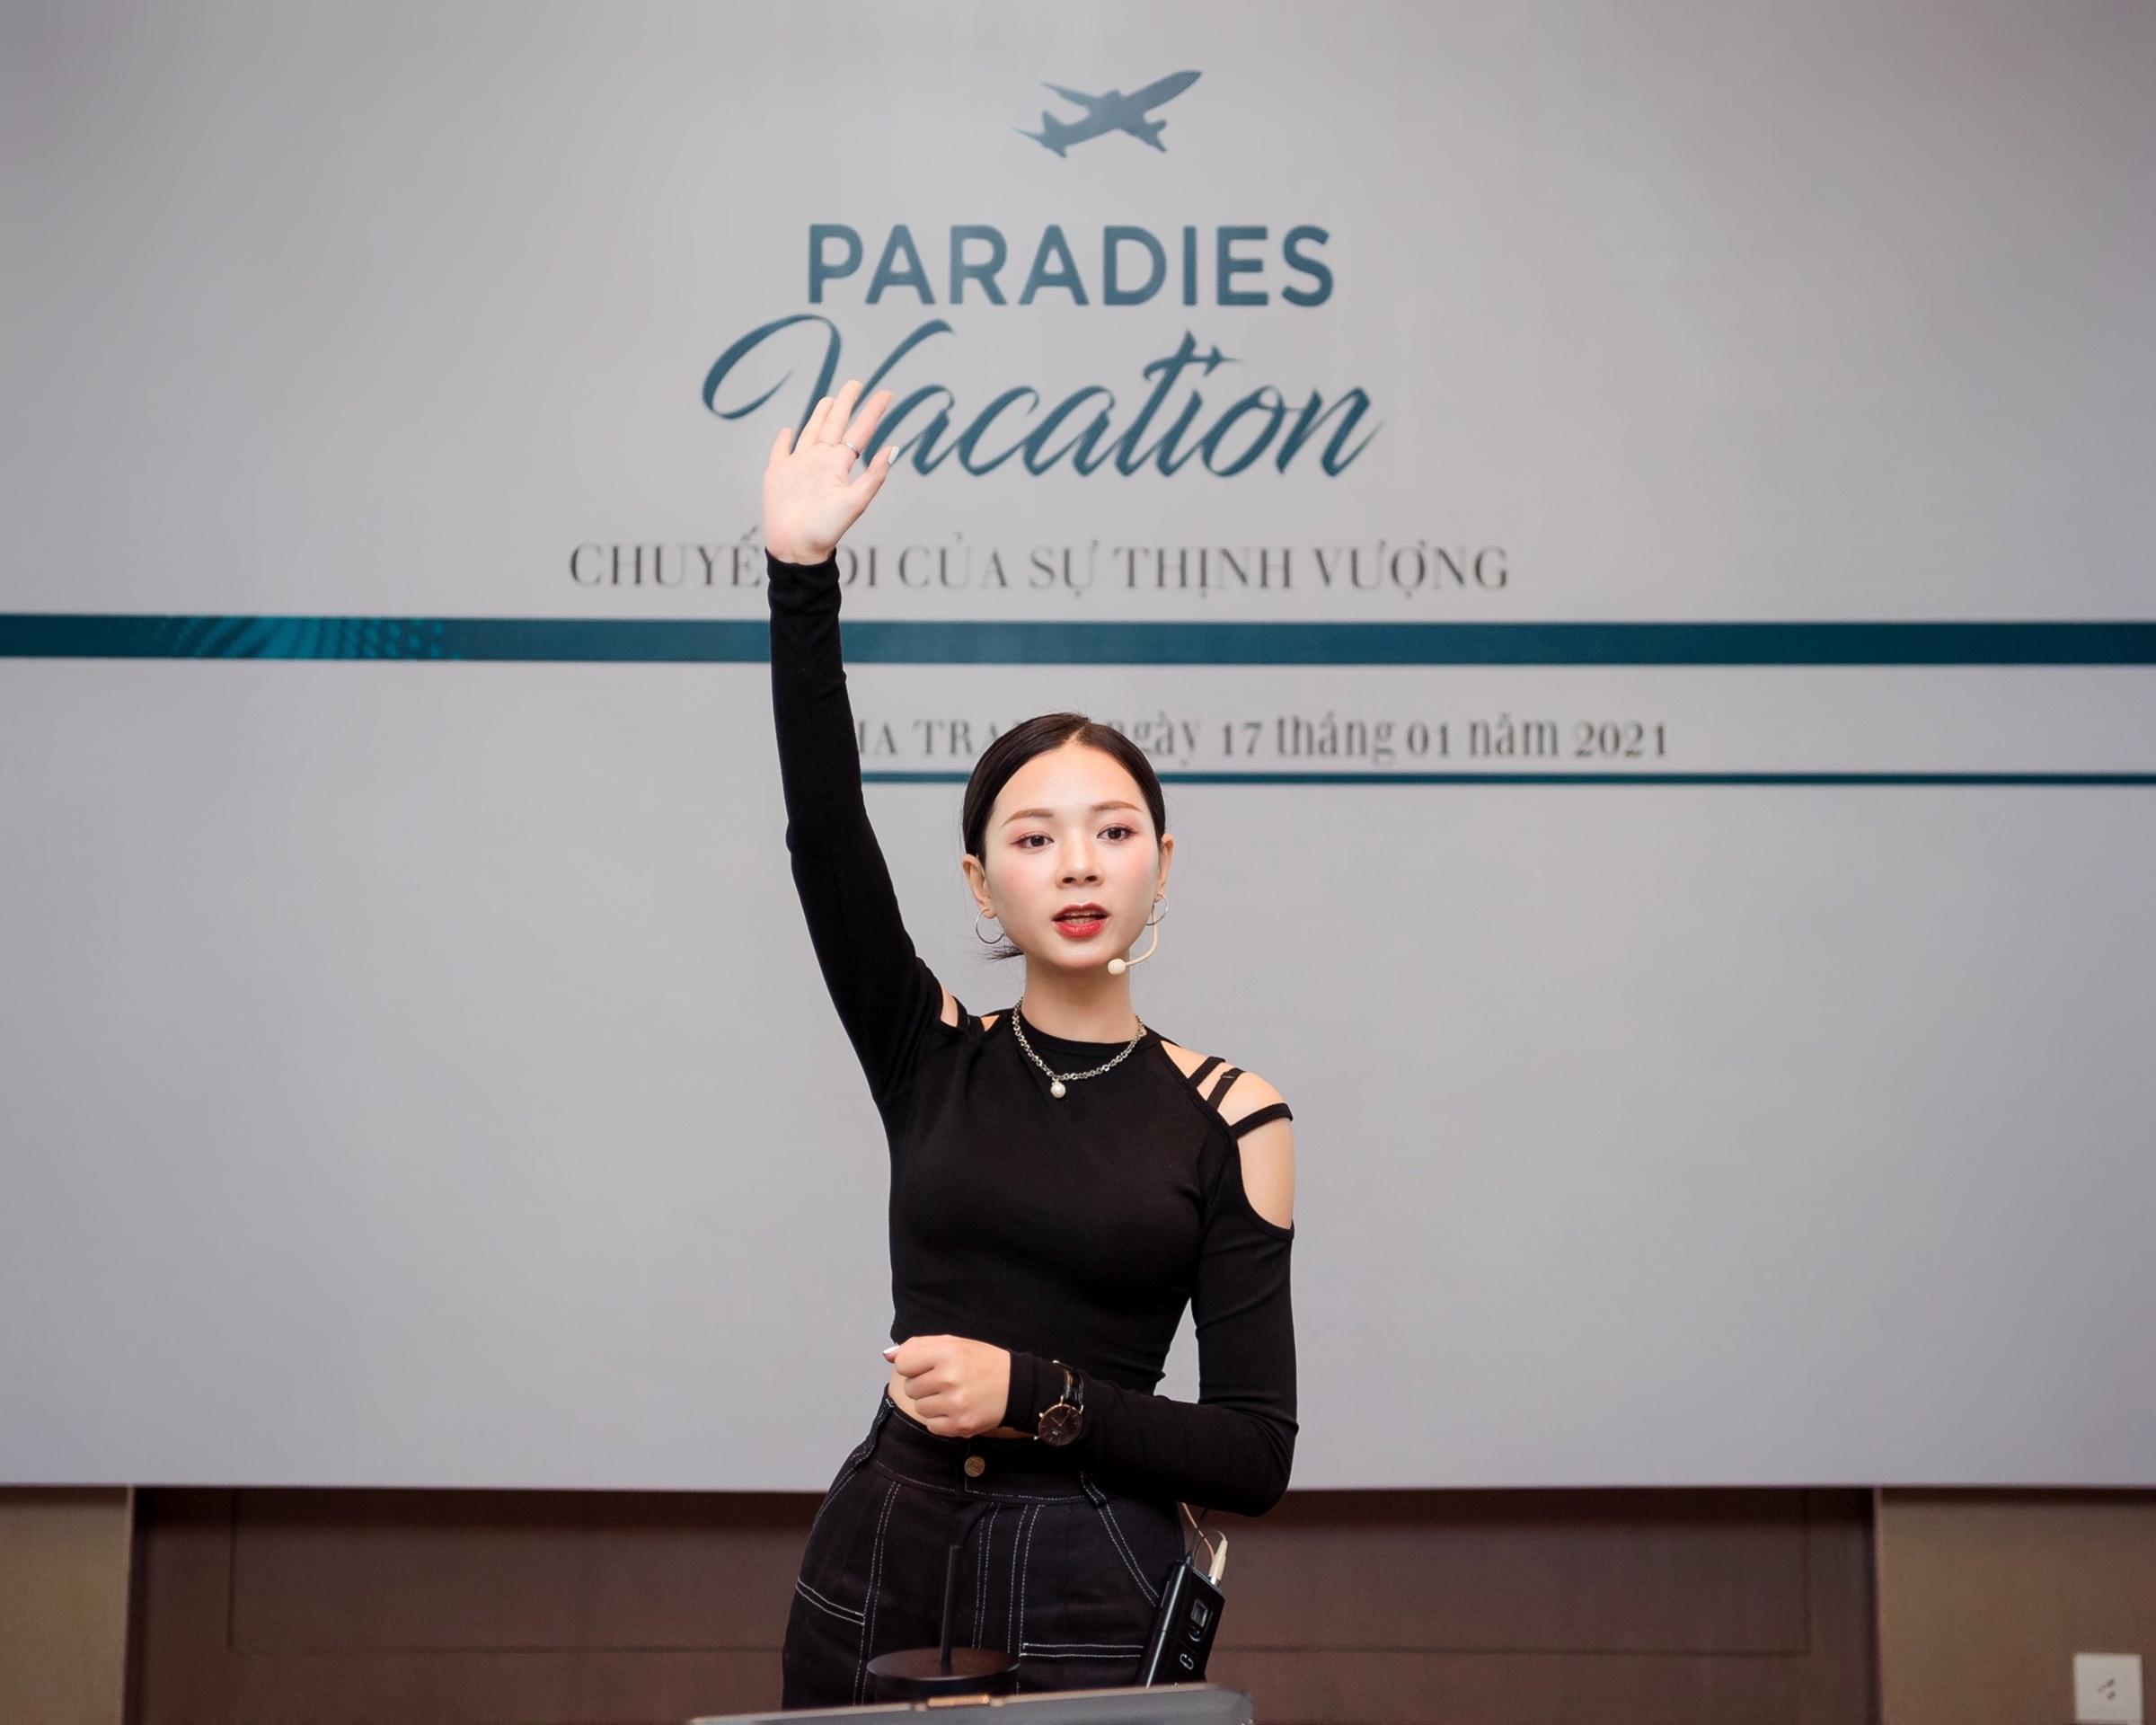 T-Ju là thương hiệu thời trang thiết kế được nhiều người trẻ ưa chuộng ở Hà Nội, do Hoa July làm chủ. Cô sinh năm 1990, có vóc dáng nhỏ nhắn.